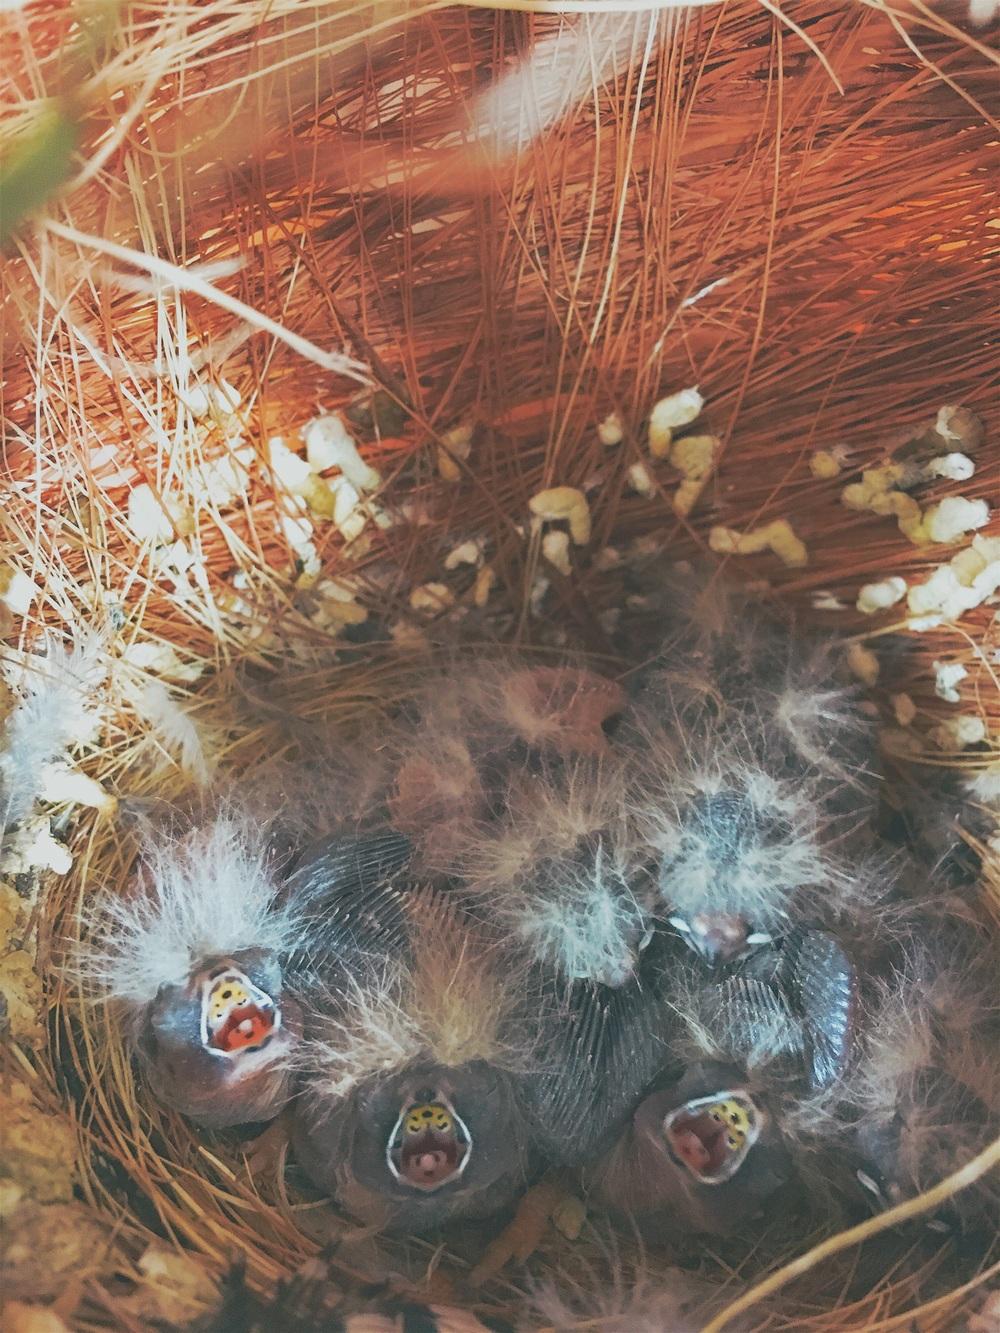 Eten, altijd maar eten. Deze jongen aanzien de camera als oudervogels en bedelen voor voedsel. Snel nestje terughangen zodat de ouders kunnen voederen.